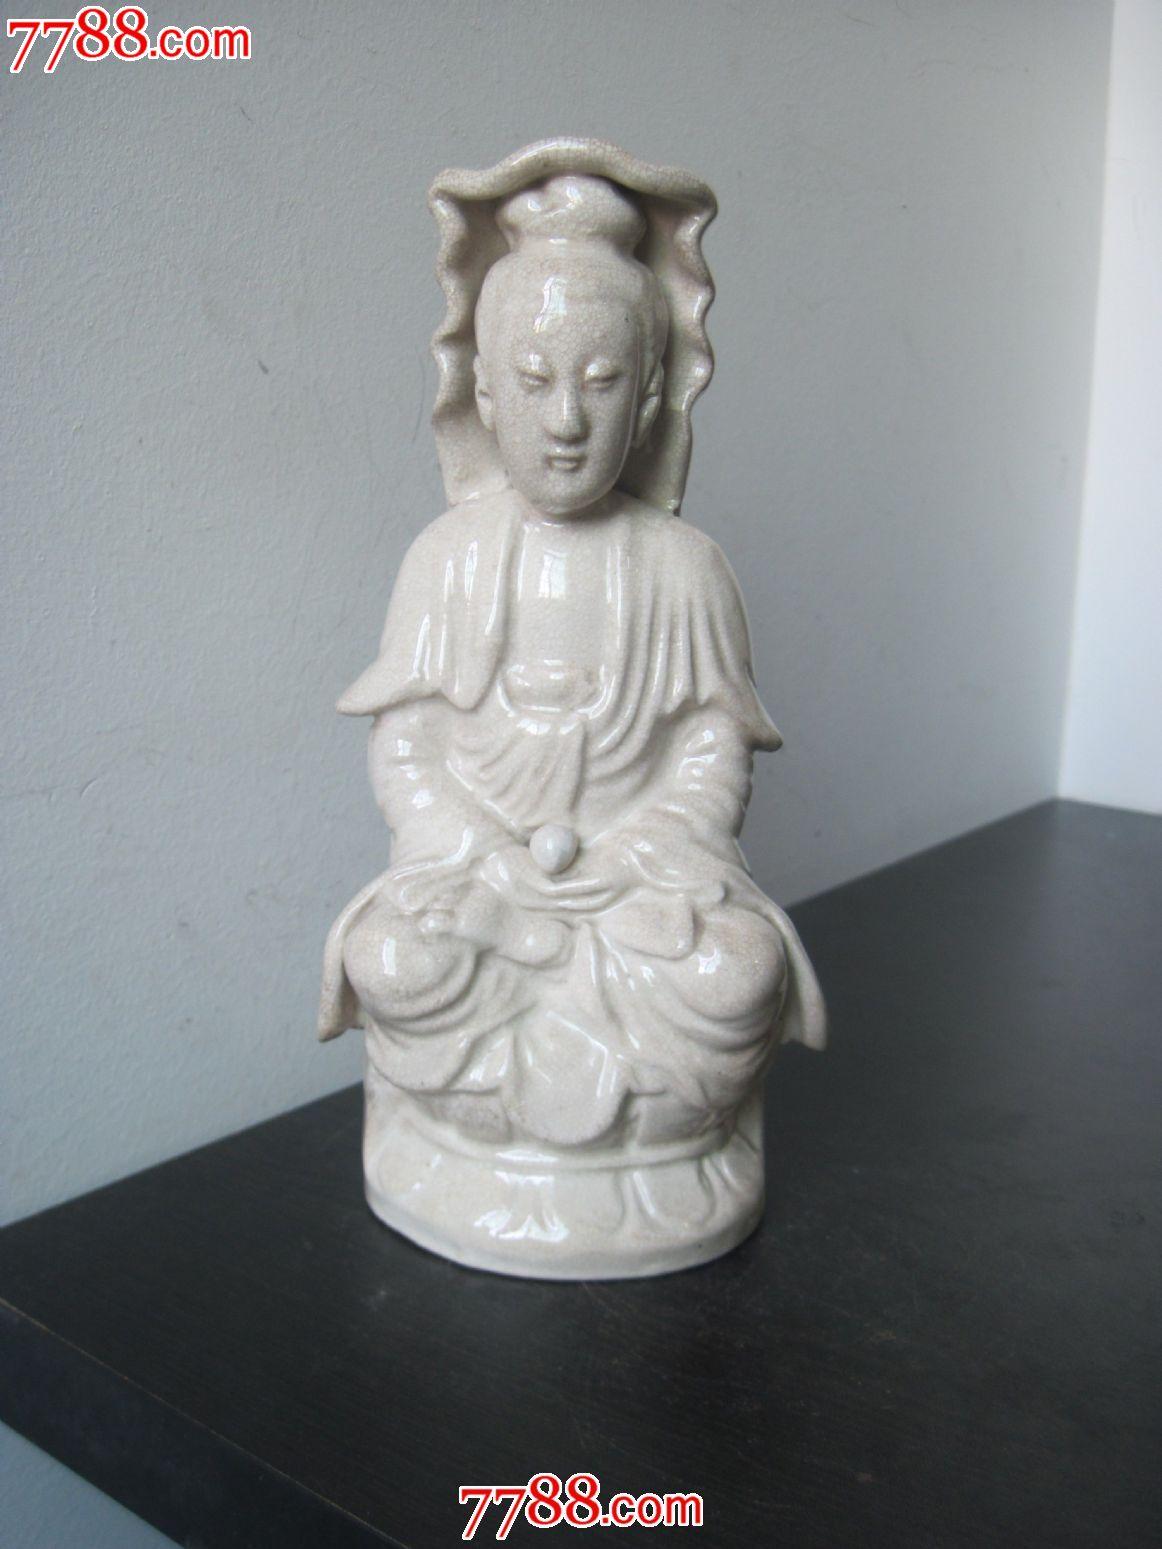 民国潮州枫溪窑单色釉白瓷观音老陶瓷摆件包邮